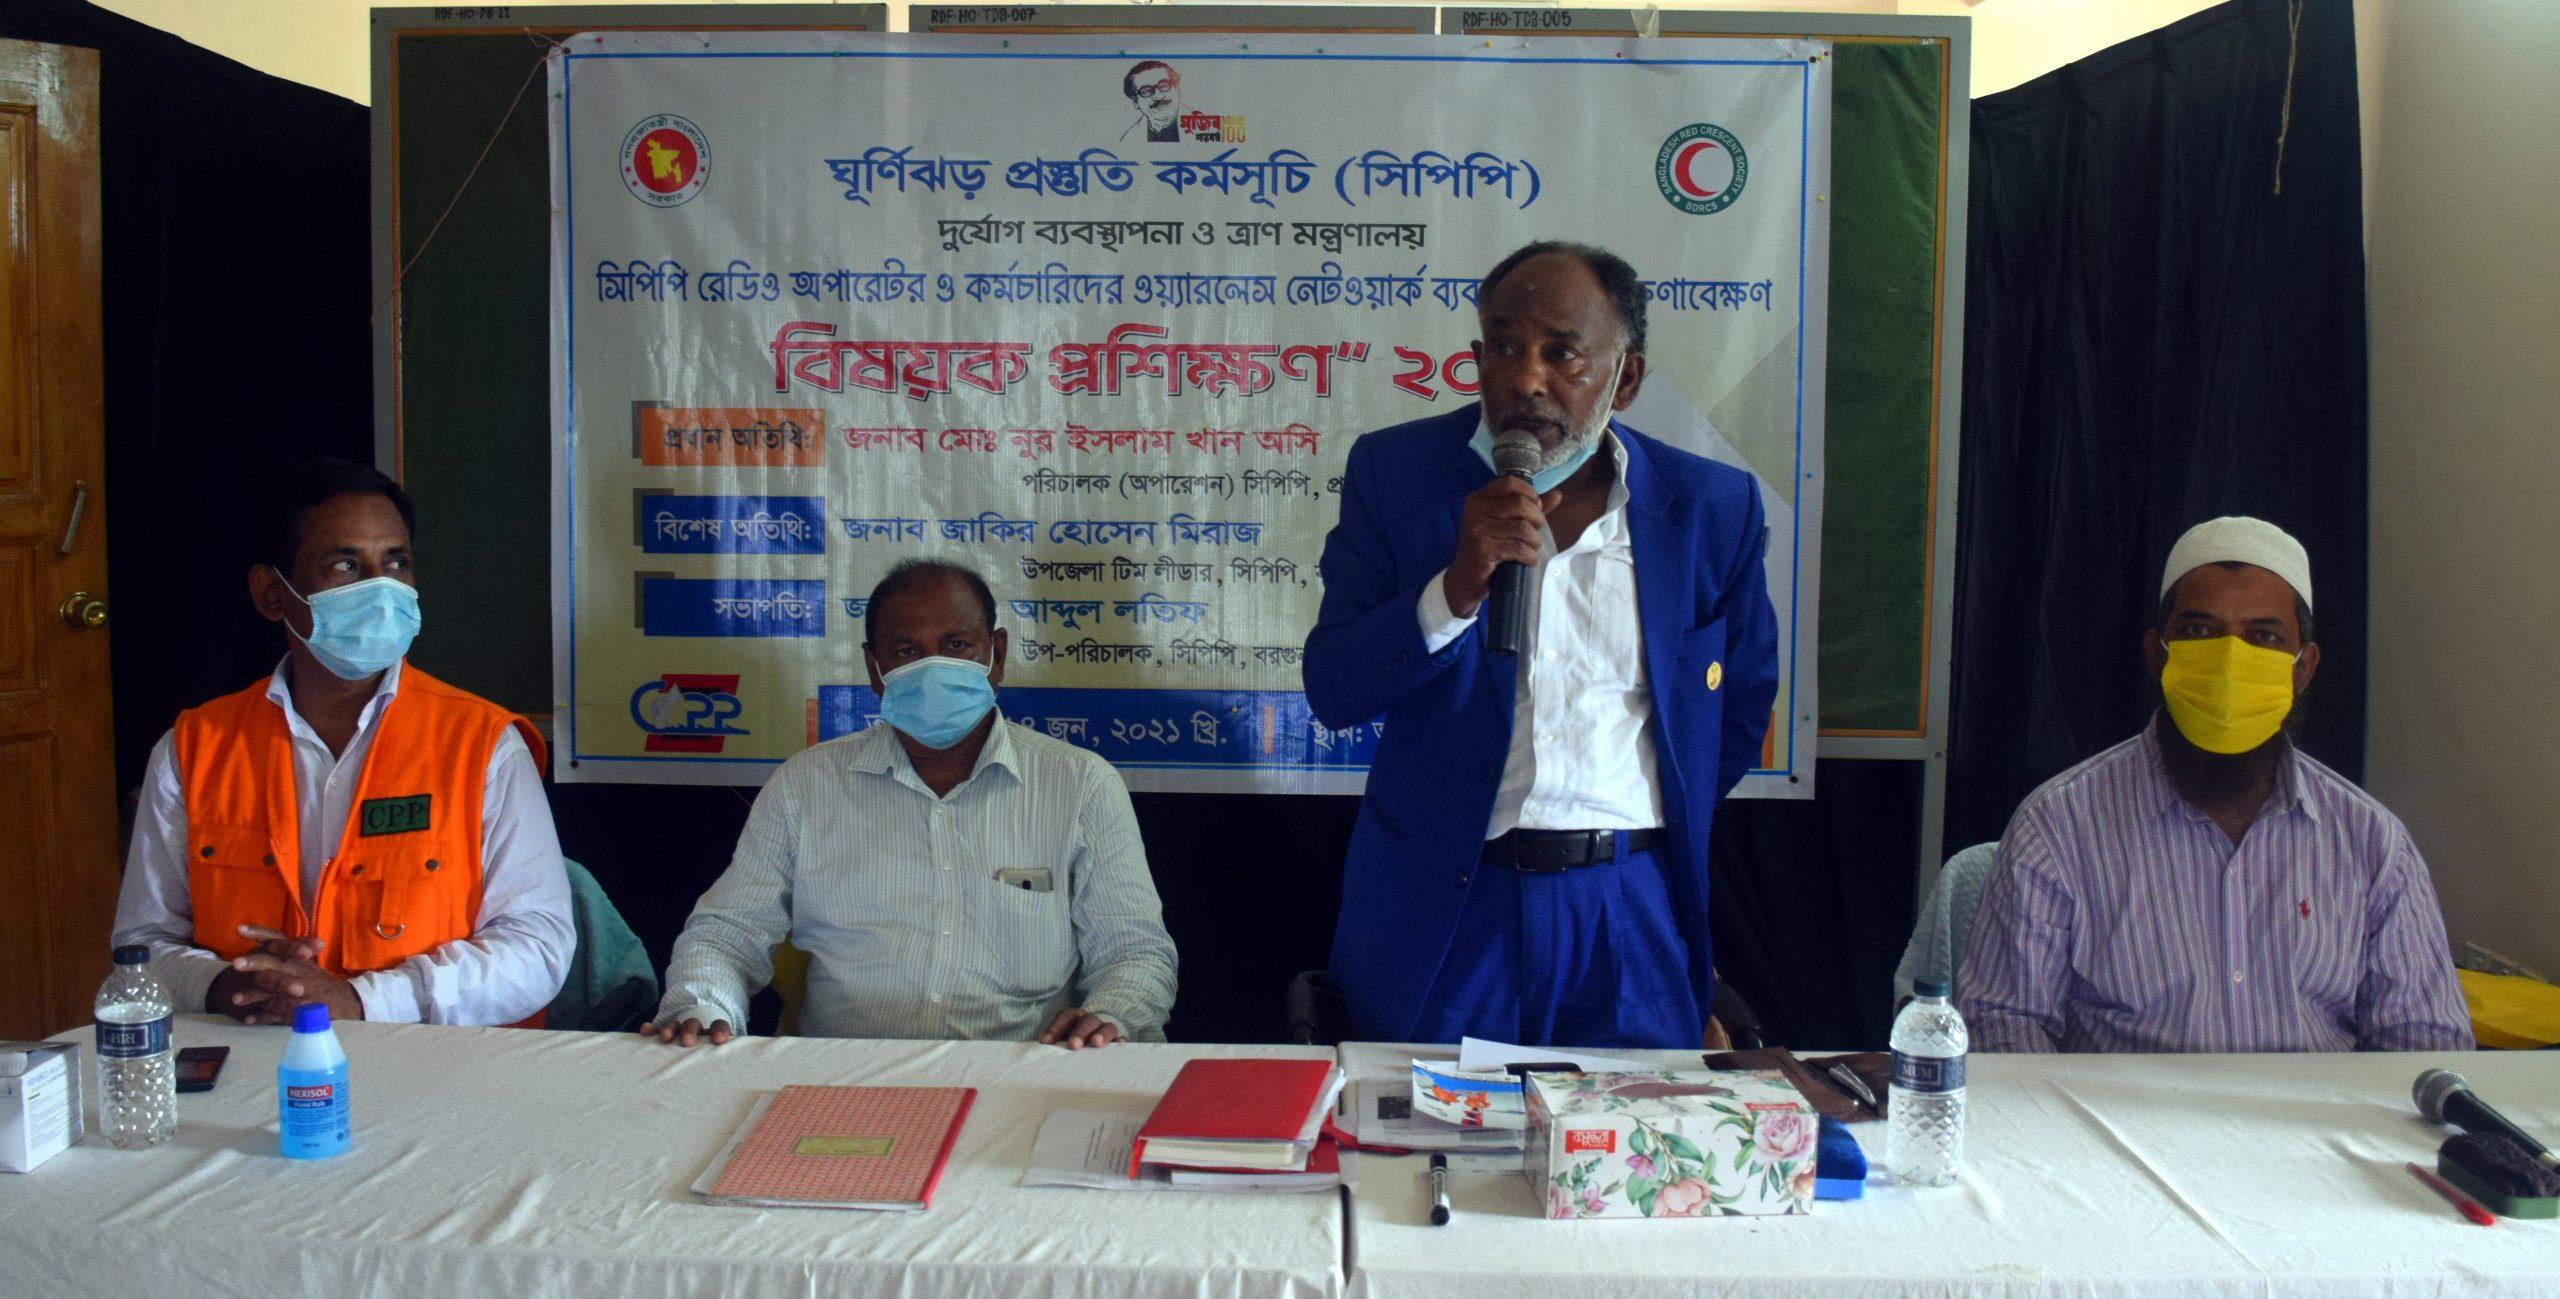 Photo of বরগুনায় সিপিপি'র রেডিও অপারেটরদের প্রশিক্ষণ